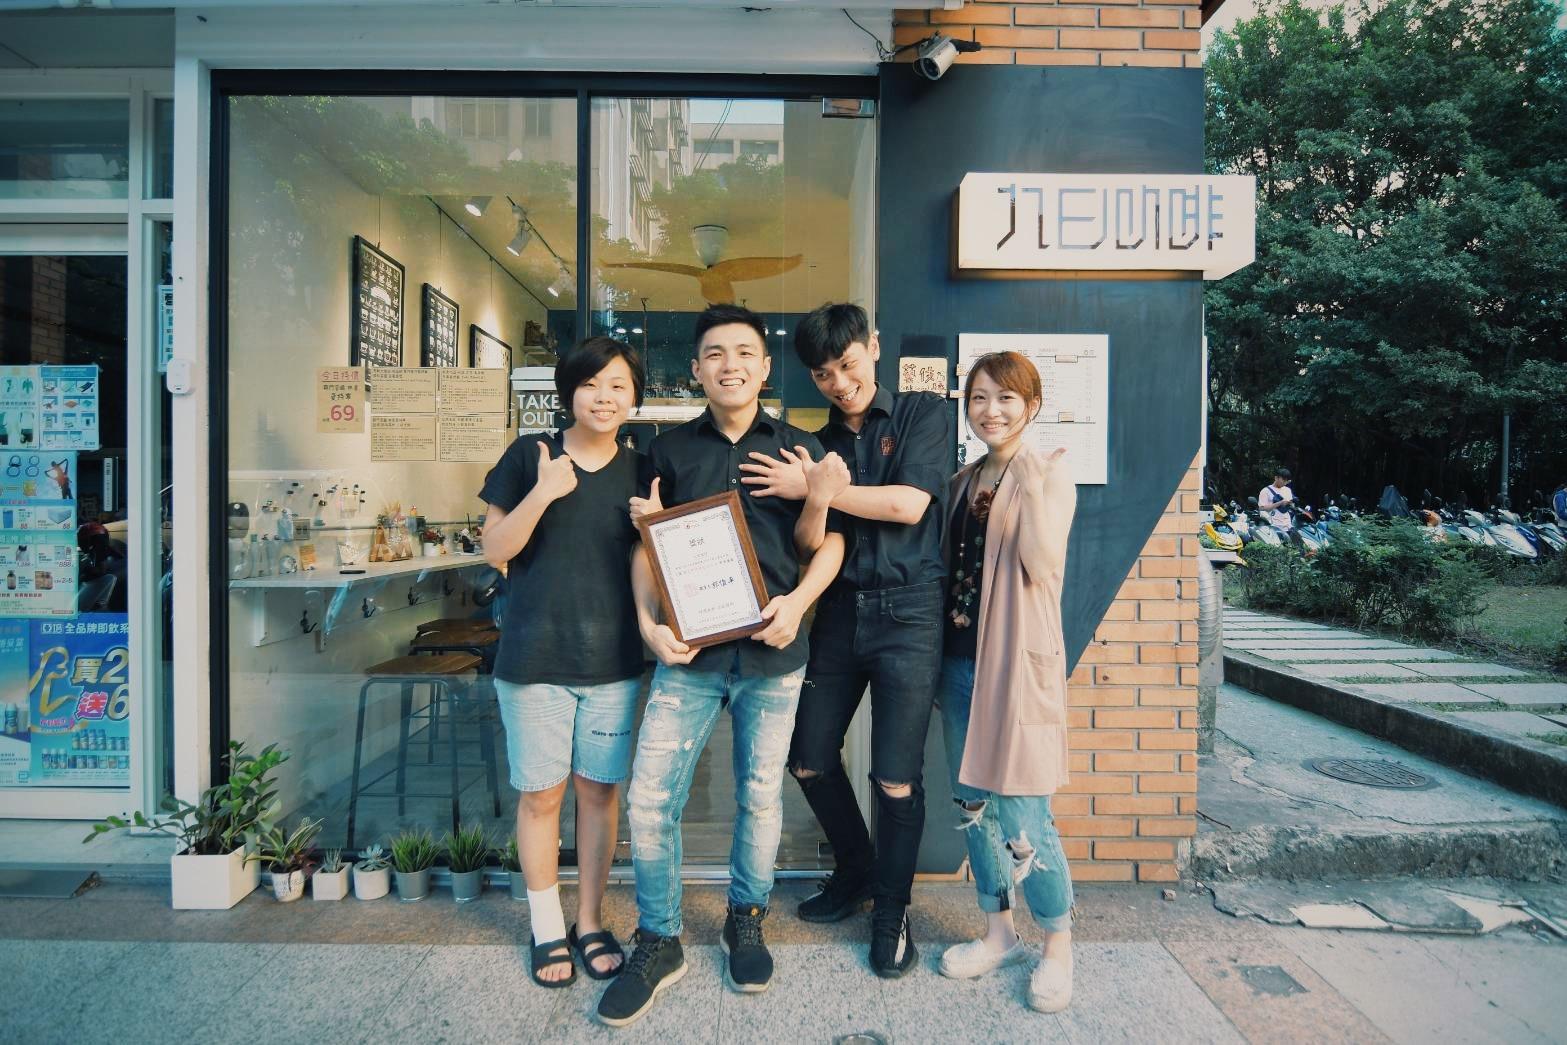 九日咖啡_店舖門口宣傳照片